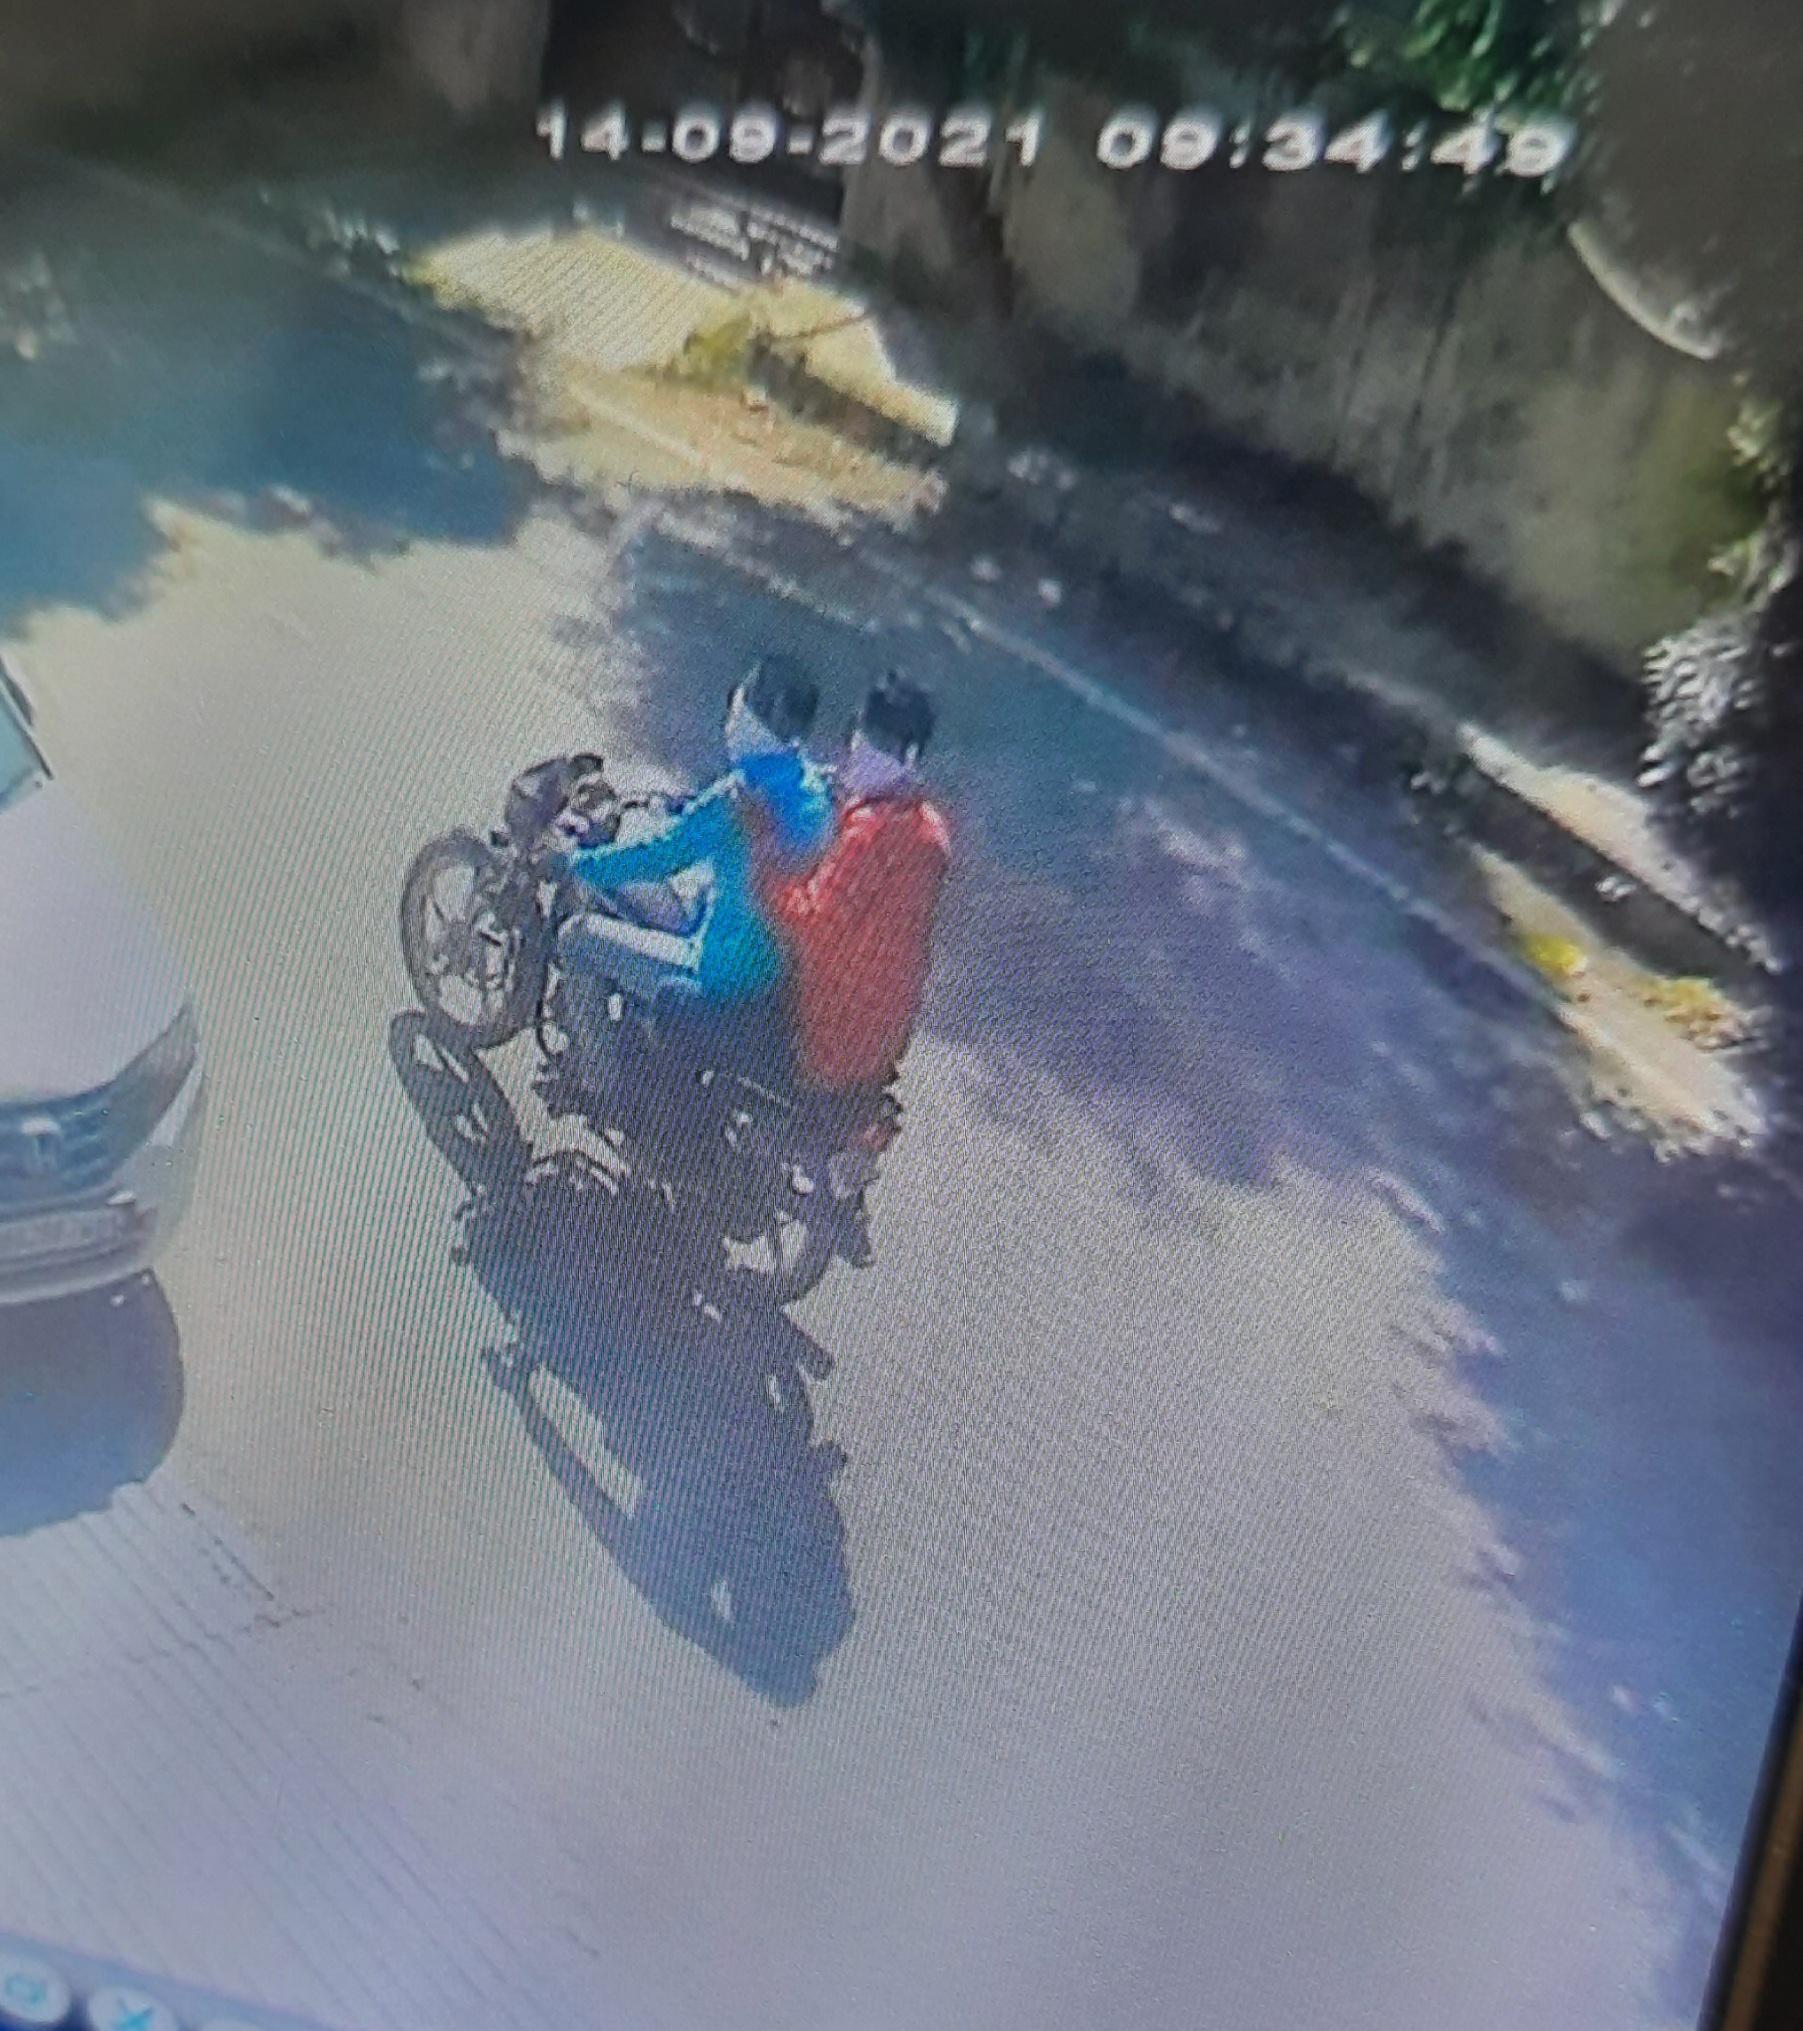 रानी का बाग में लूट करने वाले आरोपियों ने भी लाल व नीले रंग की ही शर्ट पहनी हुई थी।